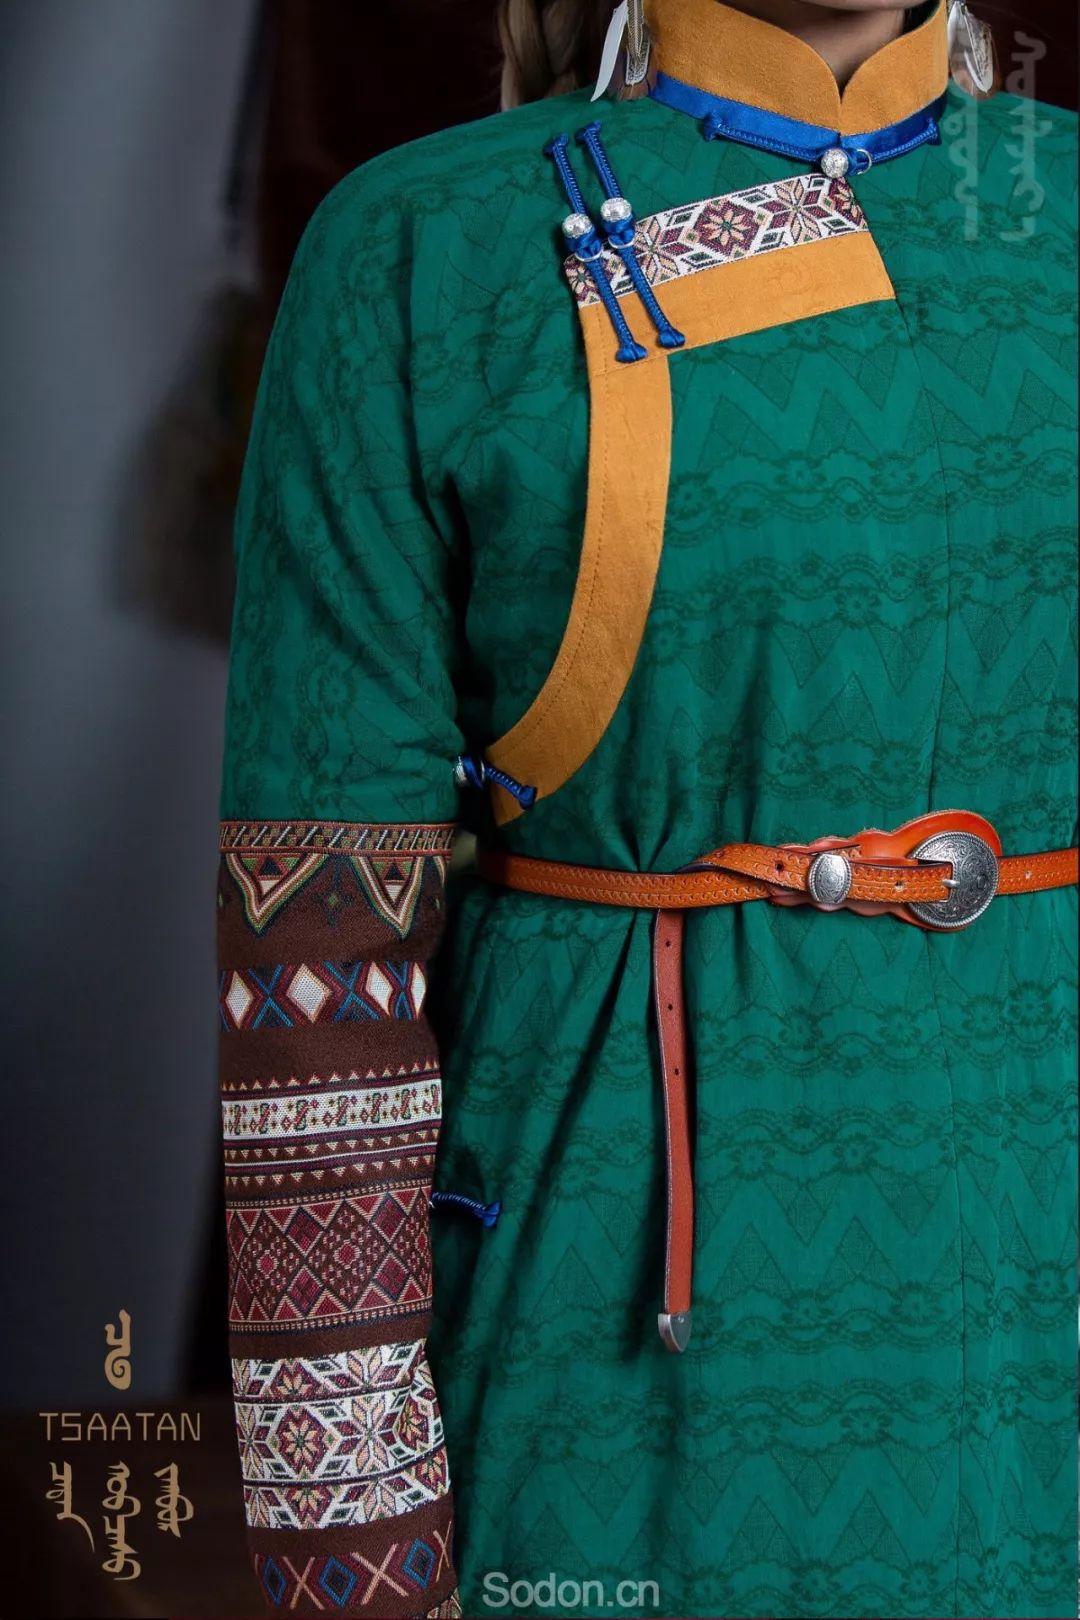 TSAATAN蒙古时装 2019新款,来自驯鹿人的独特魅力! 第64张